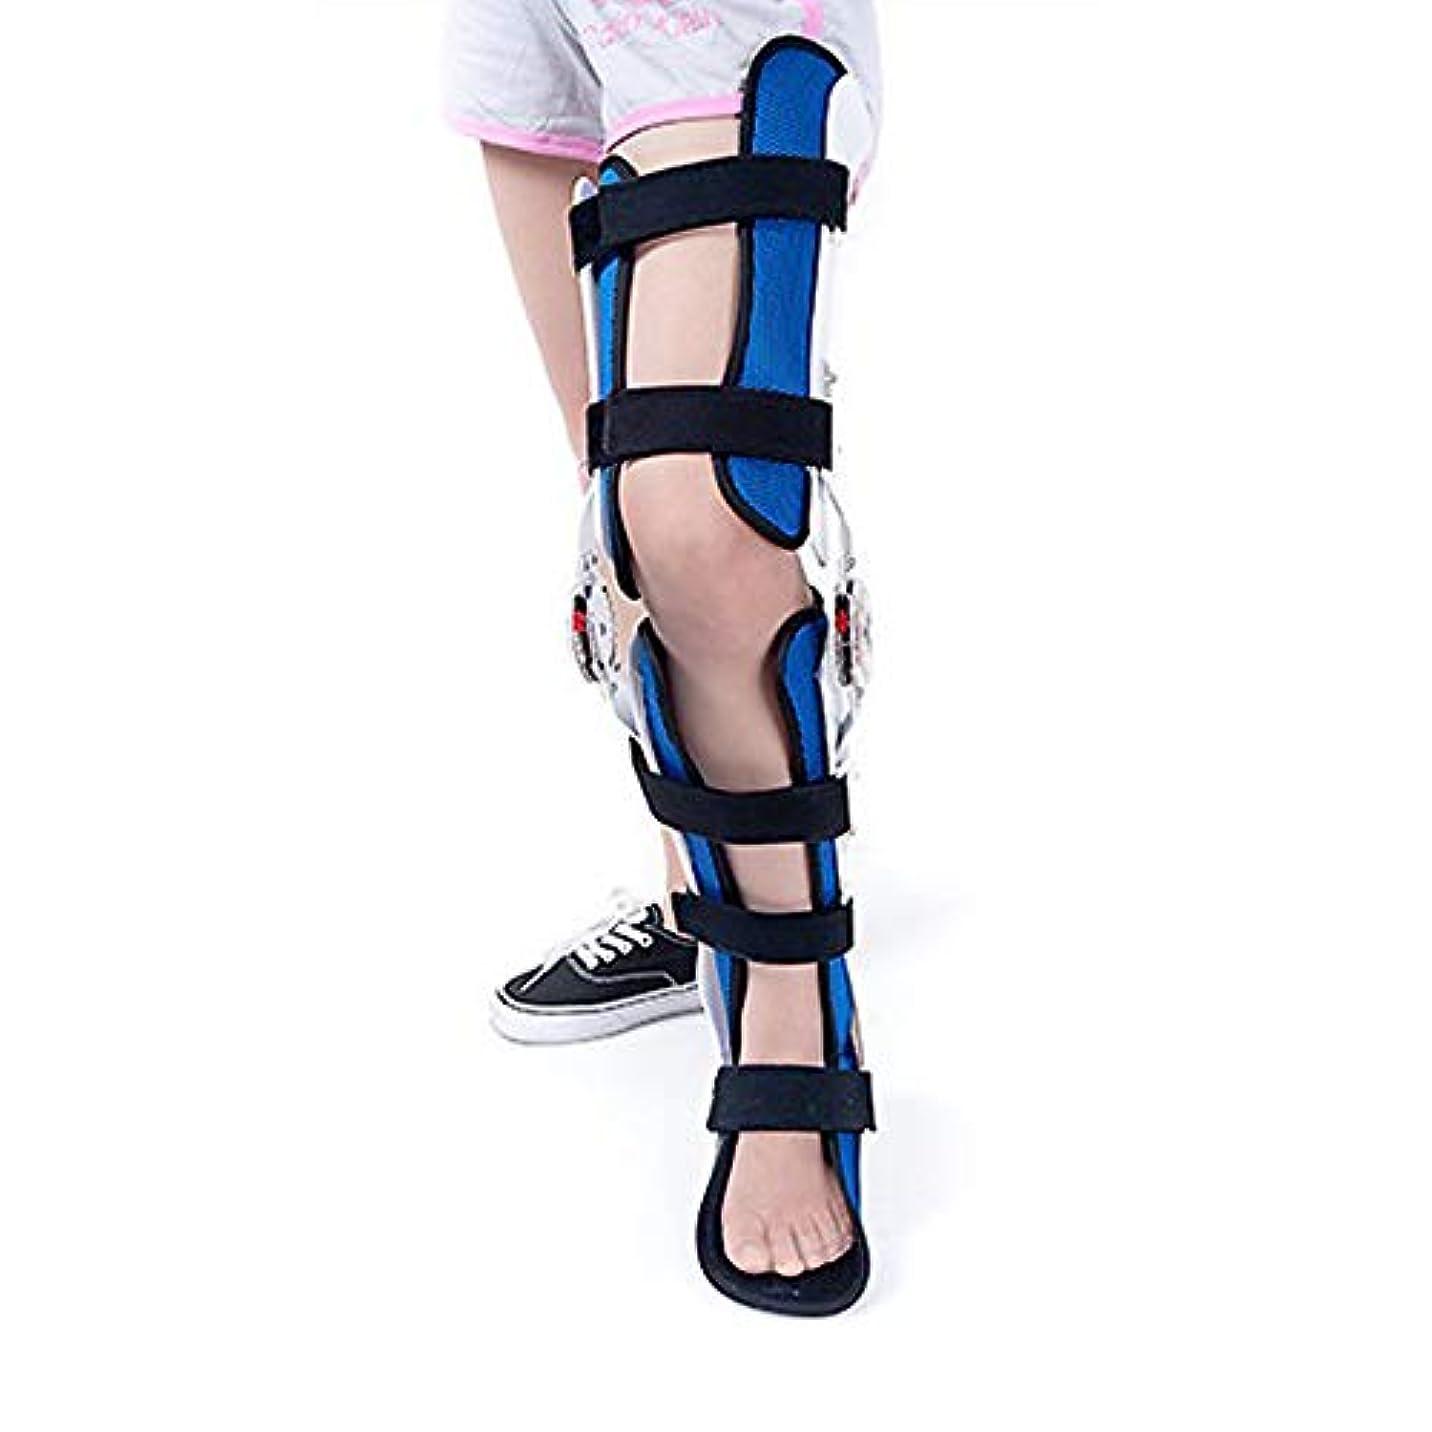 束湖条約膝足首足装具、股関節膝足装具脚の骨折、下肢麻痺、ウォーキングブーツで固定されたヒップウォーキングブレース